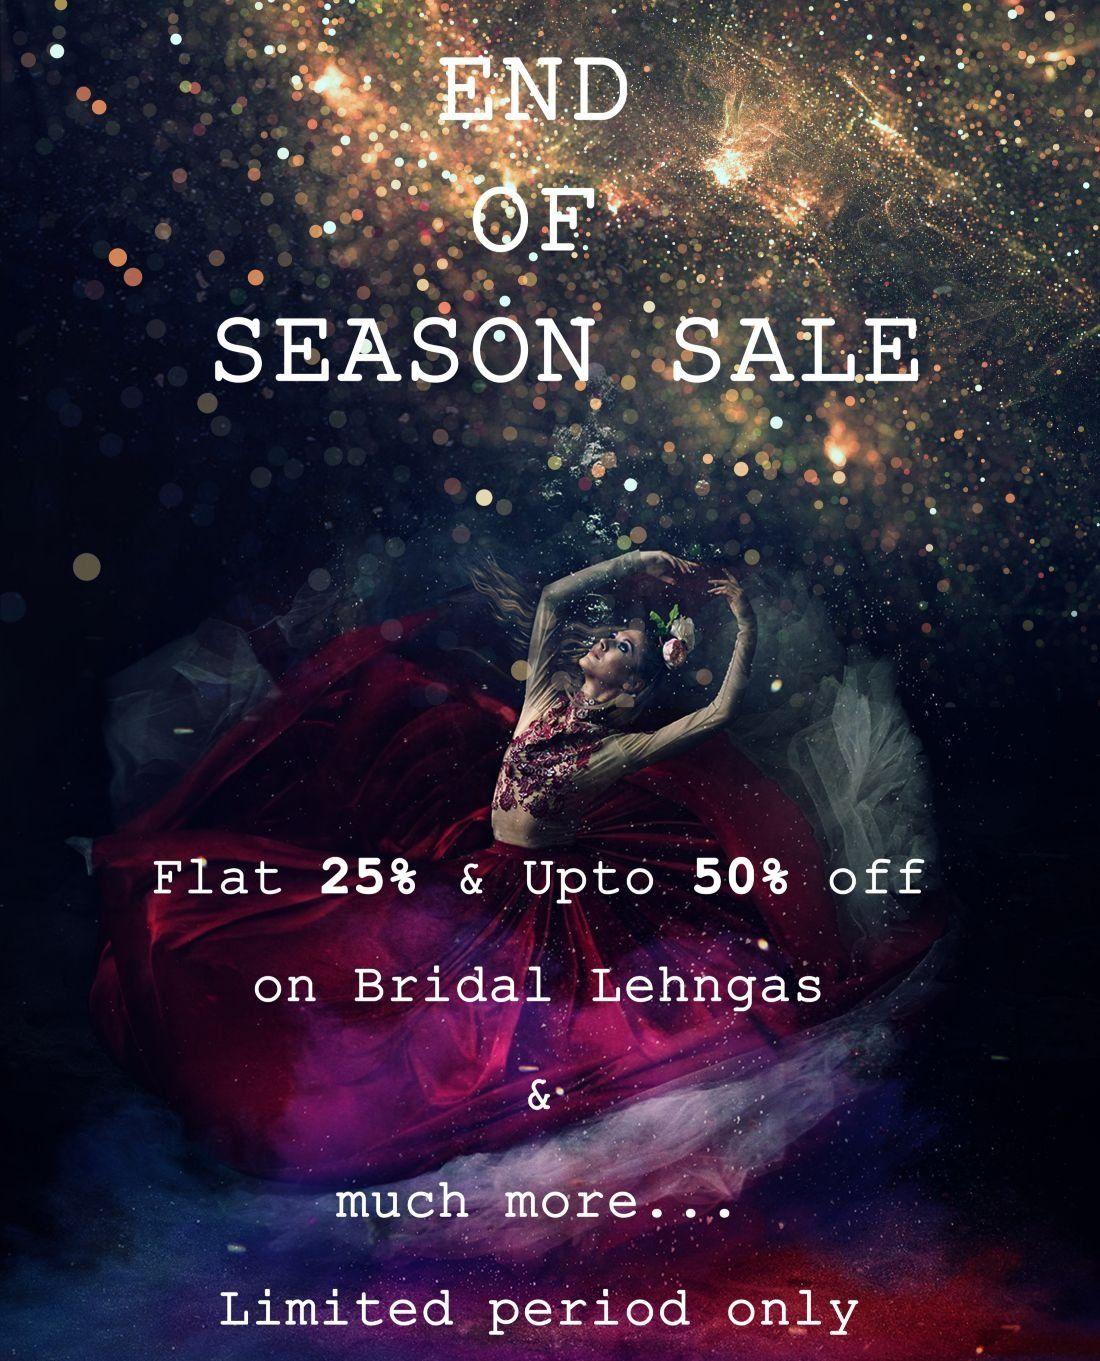 End Of Season Sale 2019